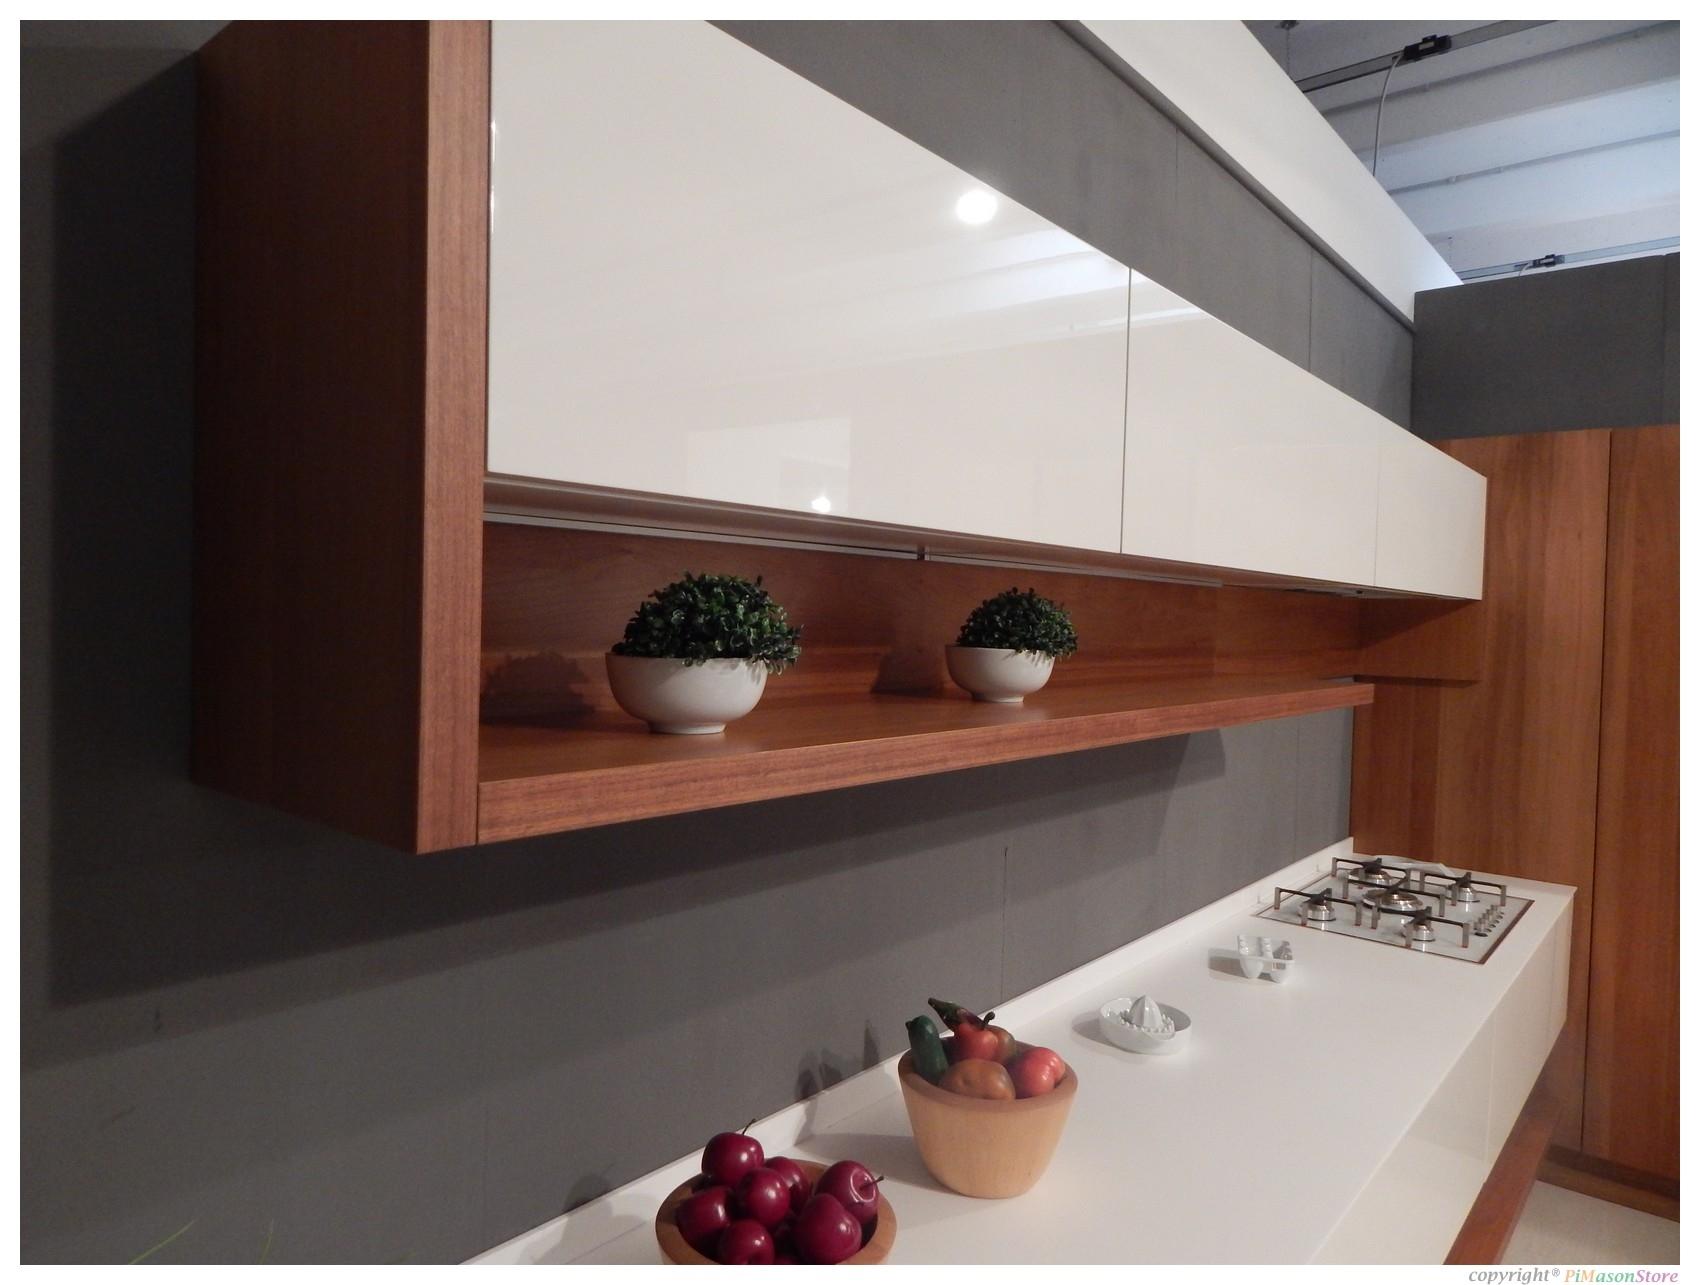 Cucina arredo3 domus moderno legno noce cucine a prezzi for Domus arredo